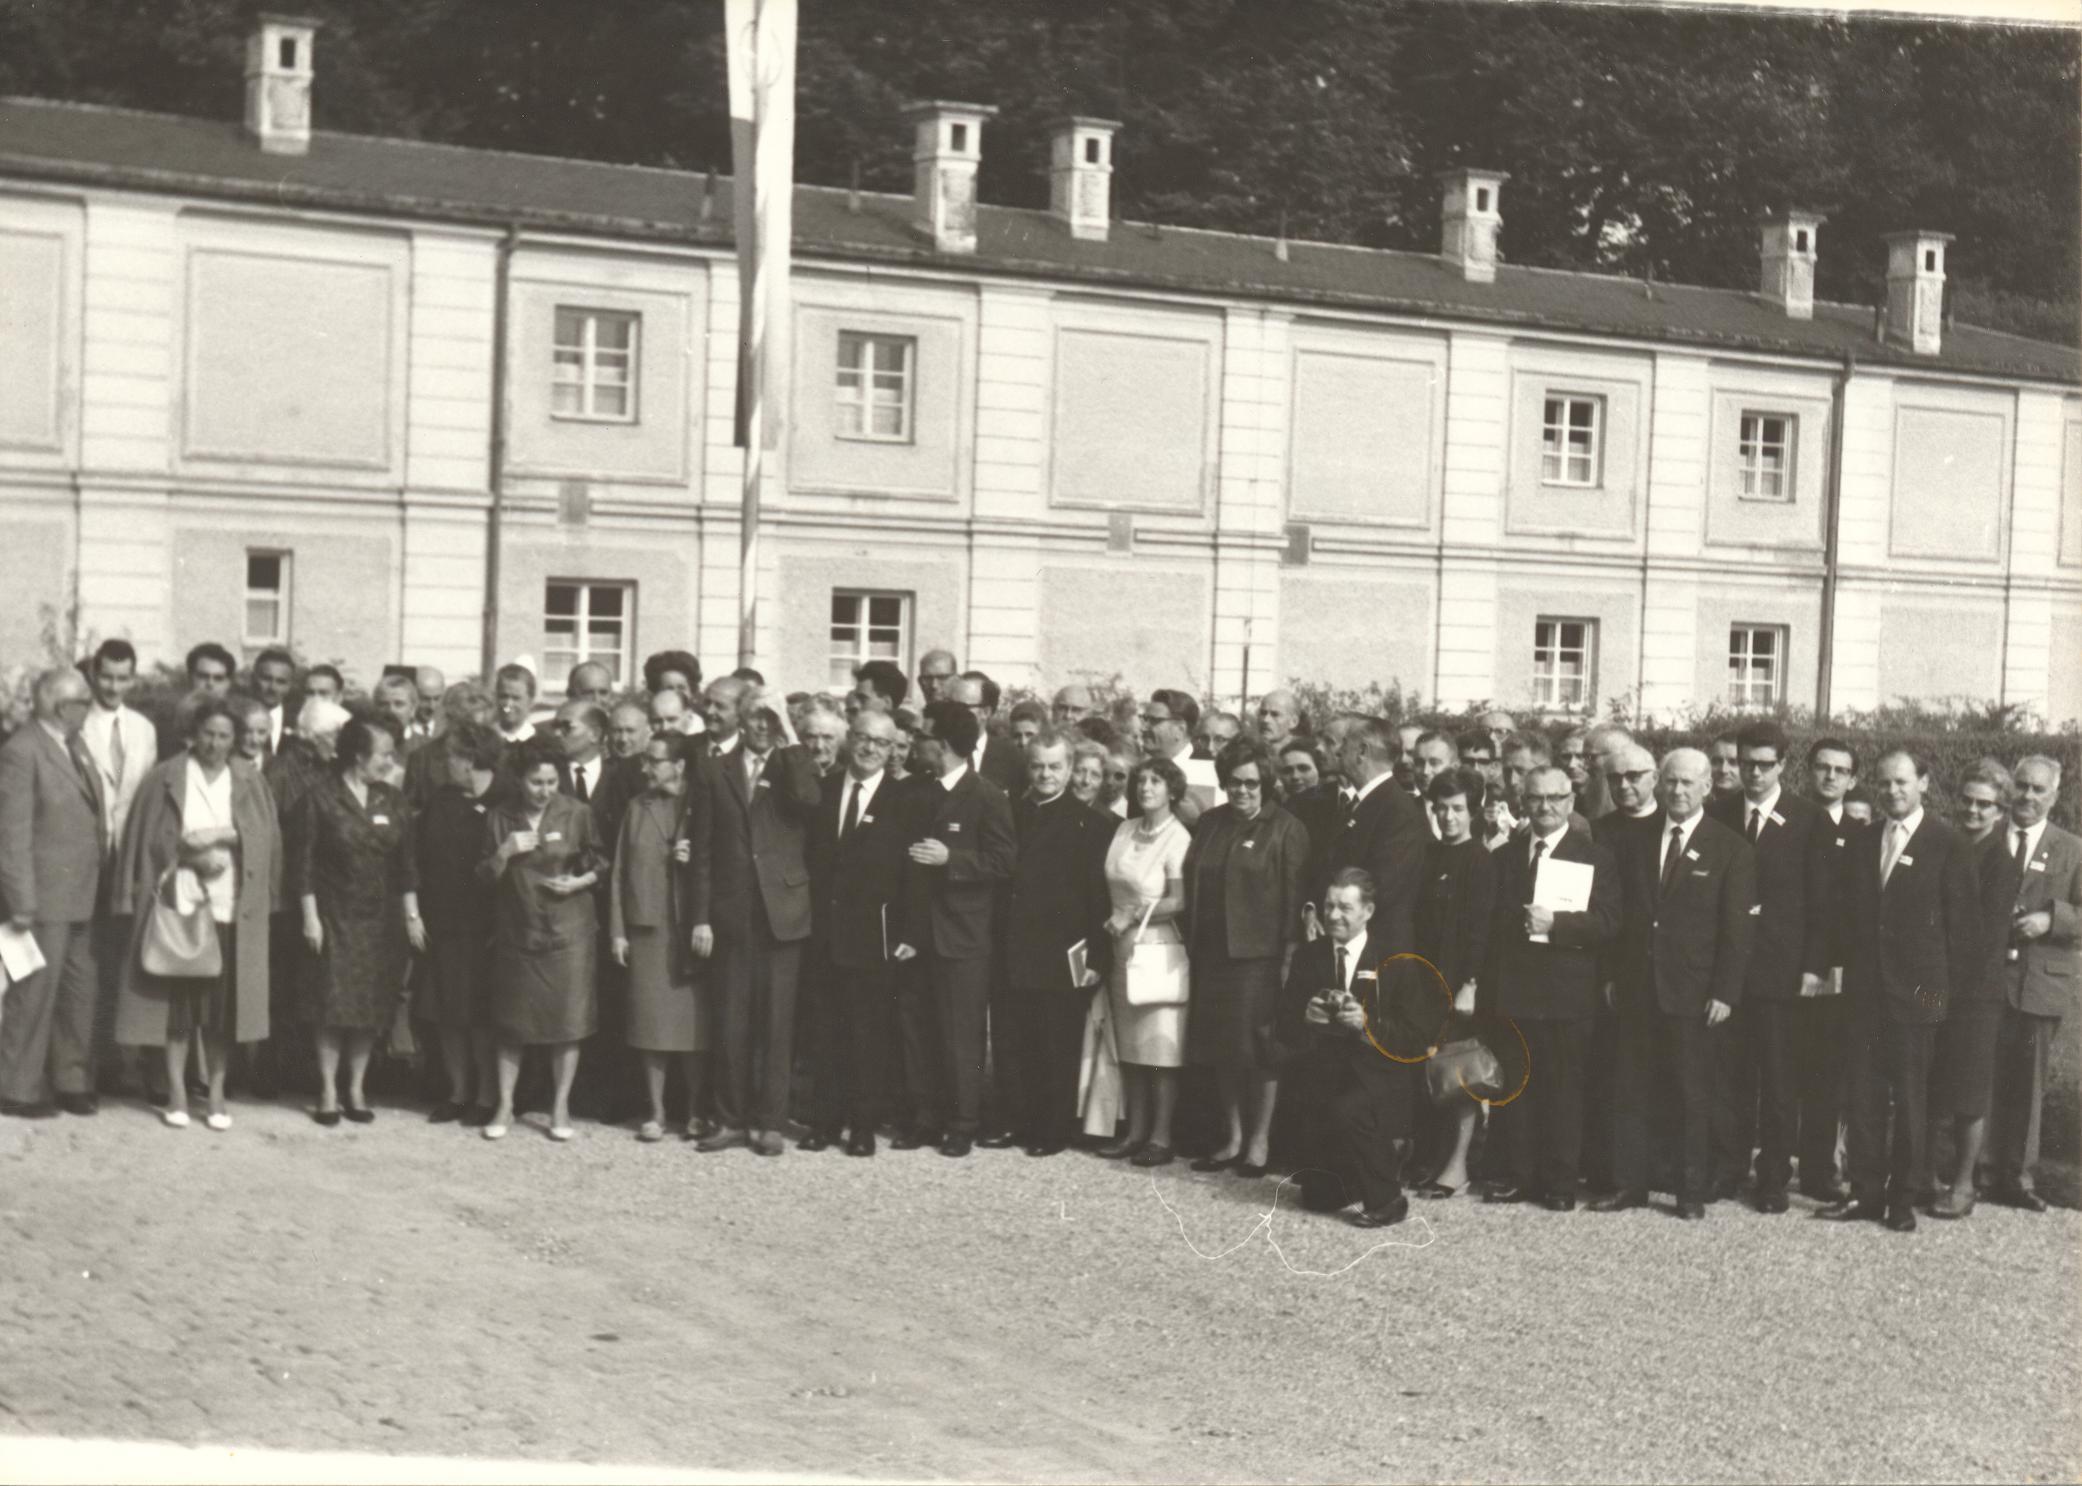 I. Internat. Imago Mundi-Kongress 1966 in Fürstenried bei München, Im Kraftfeld des christlichen Weltbildes, Gruppenfoto der Teilnehmer des I. Imago Mundi-Kongresses 1966